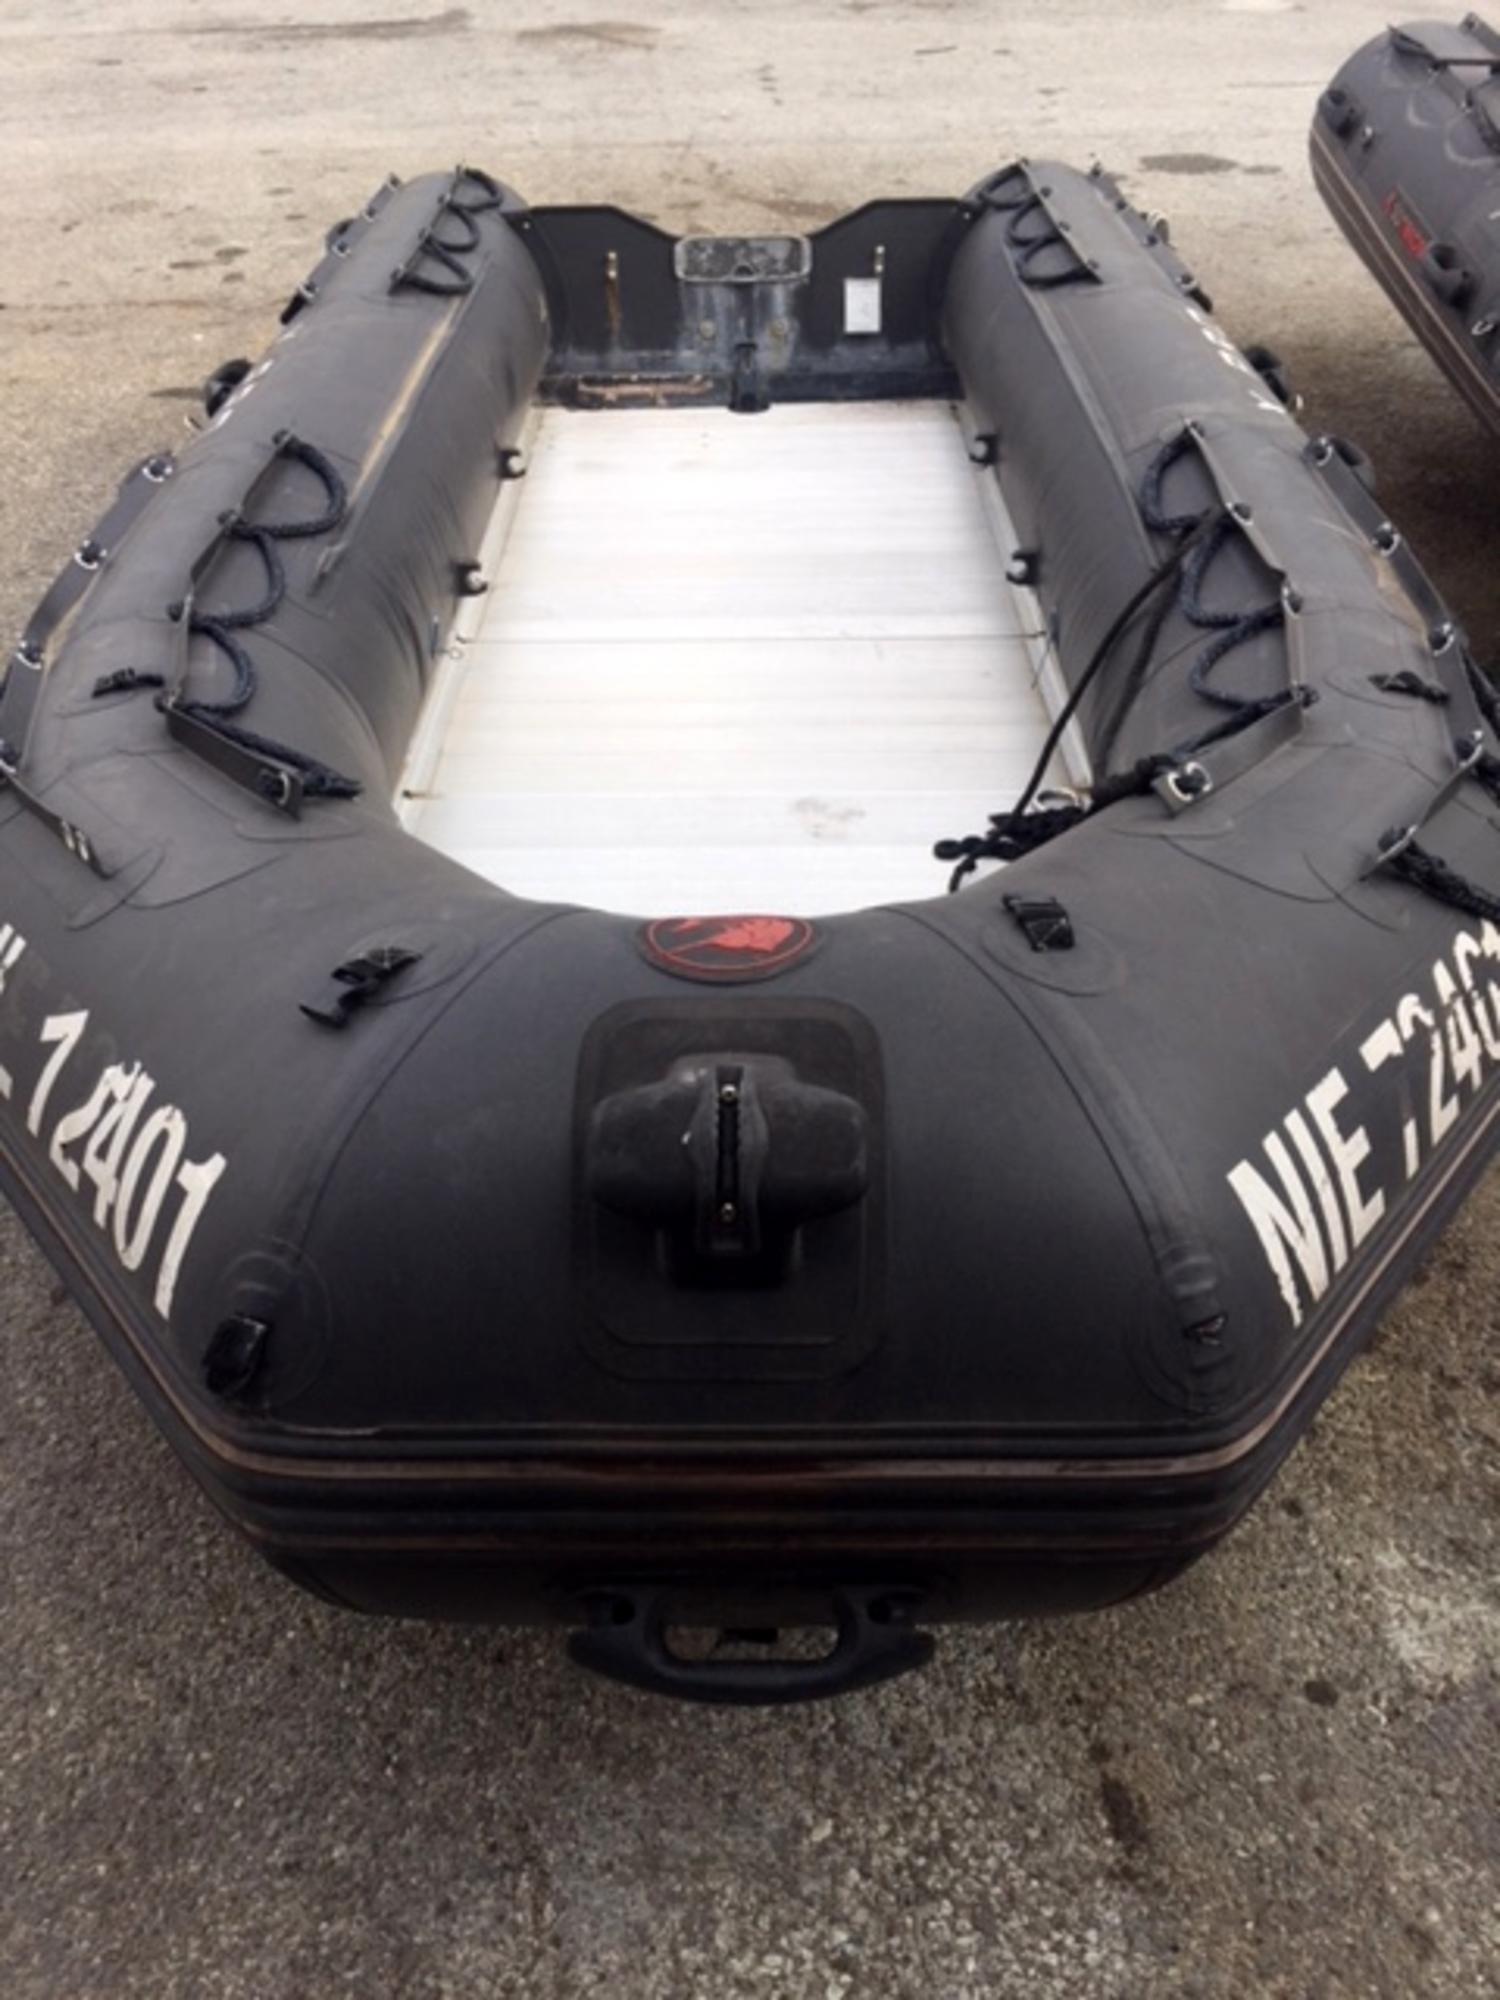 bateau gonflage 3d tender moteur yamaha 20 cv